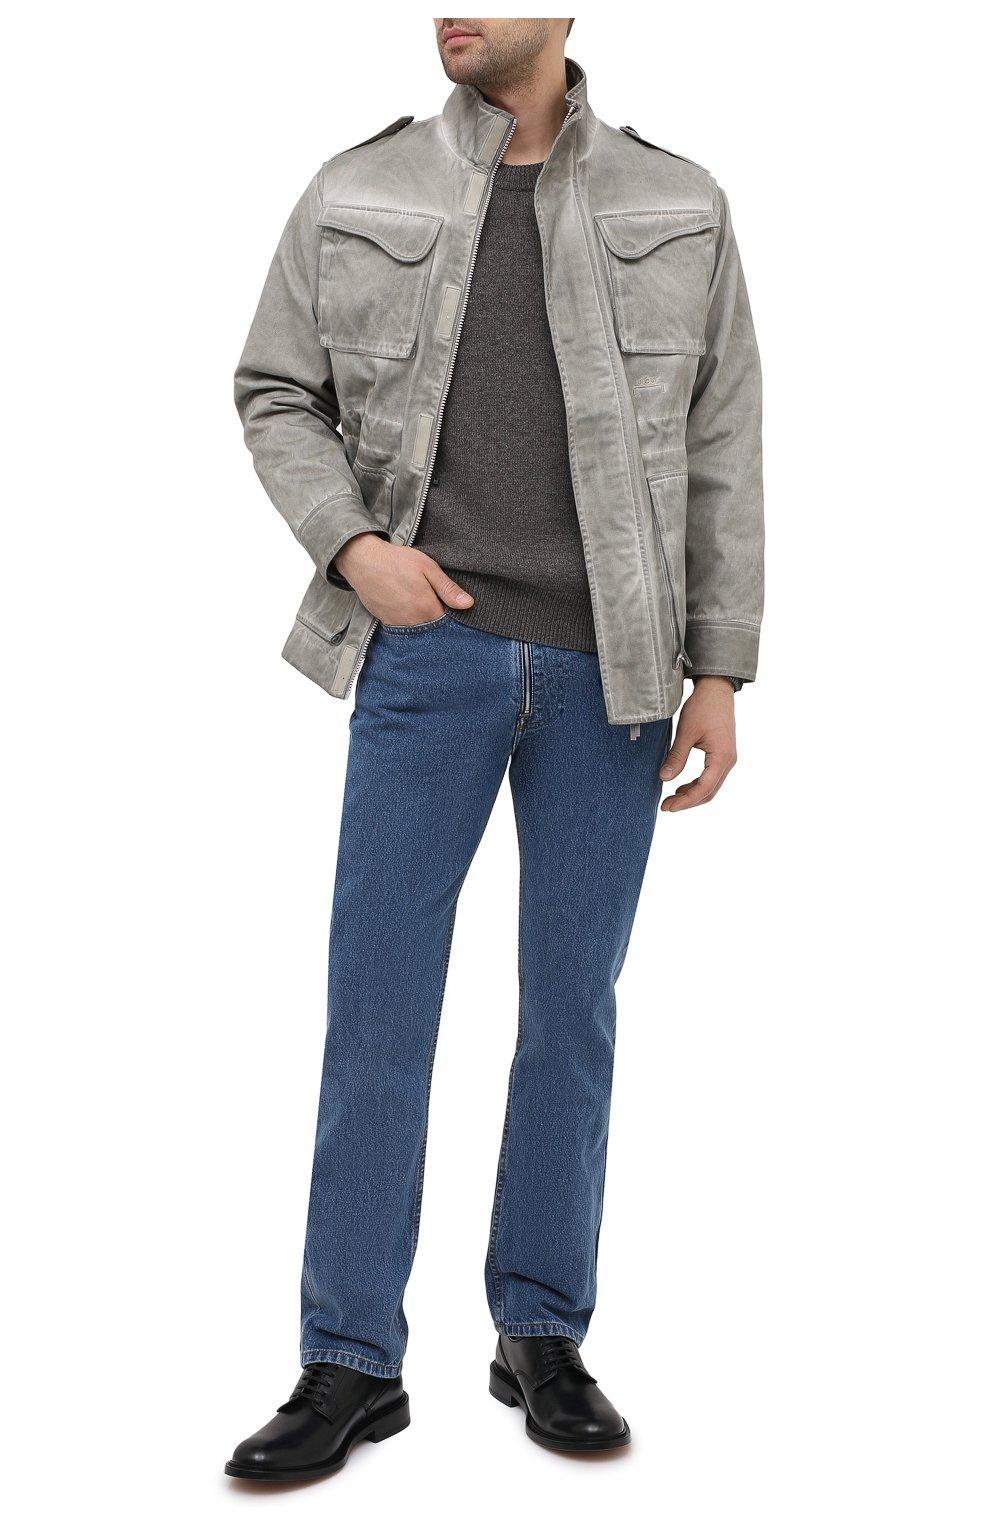 Мужской шерстяной свитер BOTTEGA VENETA серого цвета, арт. 648380/V0AM0   Фото 2 (Материал внешний: Шерсть; Рукава: Длинные; Принт: Без принта; Длина (для топов): Стандартные; Стили: Классический; Мужское Кросс-КТ: Свитер-одежда)